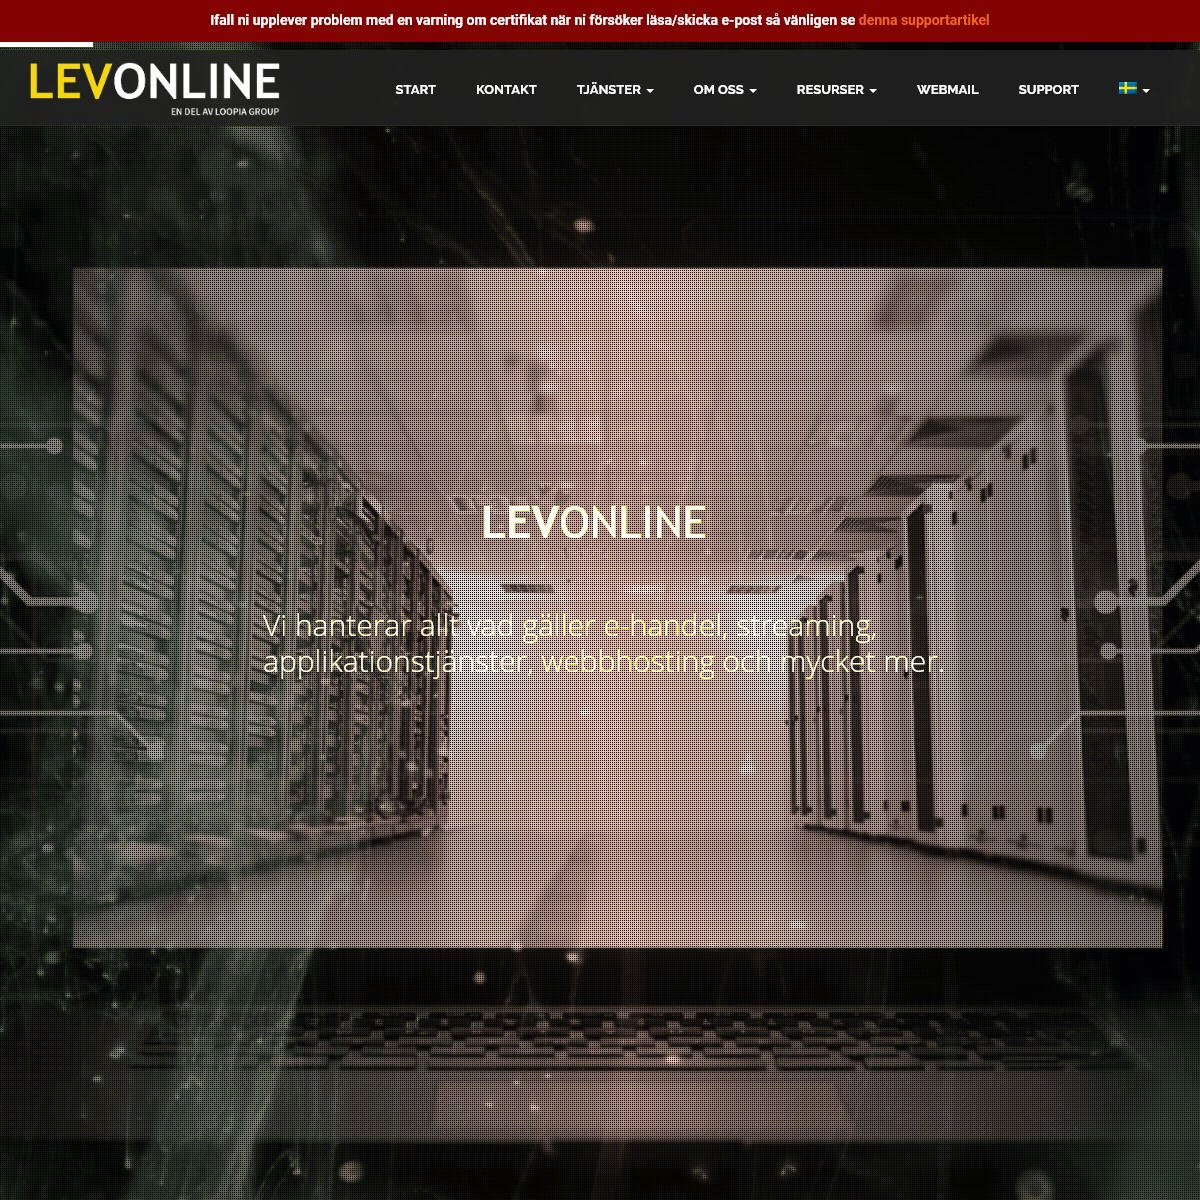 Levonline - Levonline